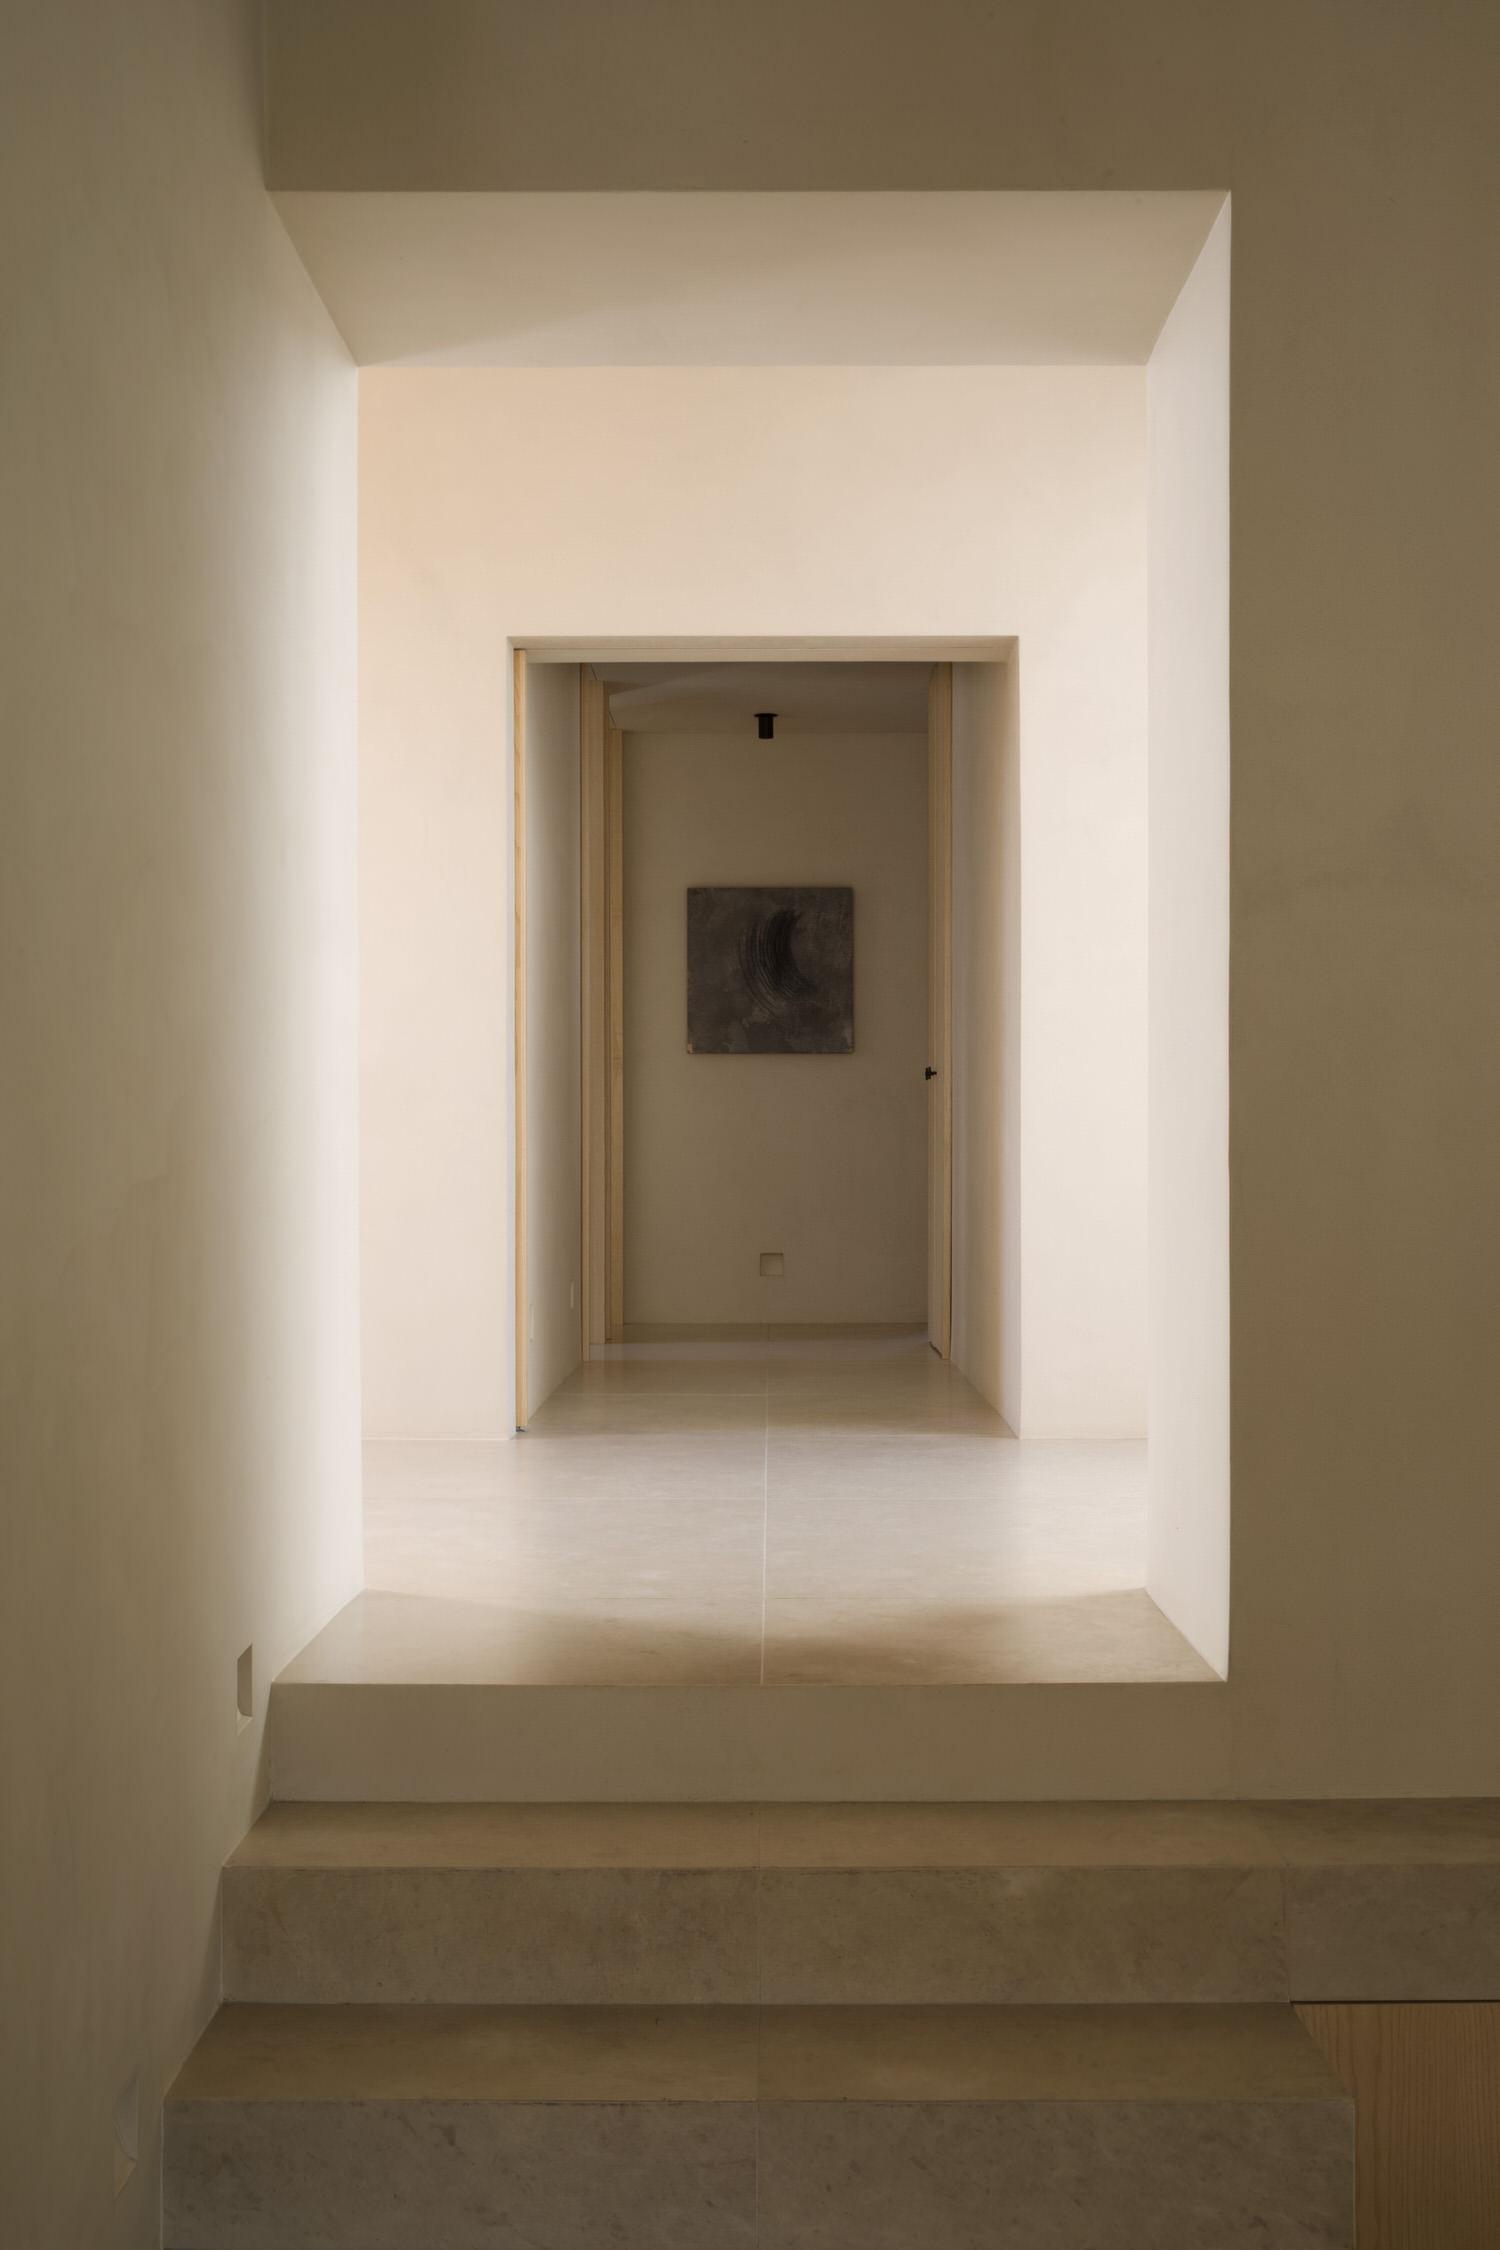 Febrero Studio Casa Marbella Spanish Architecture Photo German Saiz Yellowtrace 29